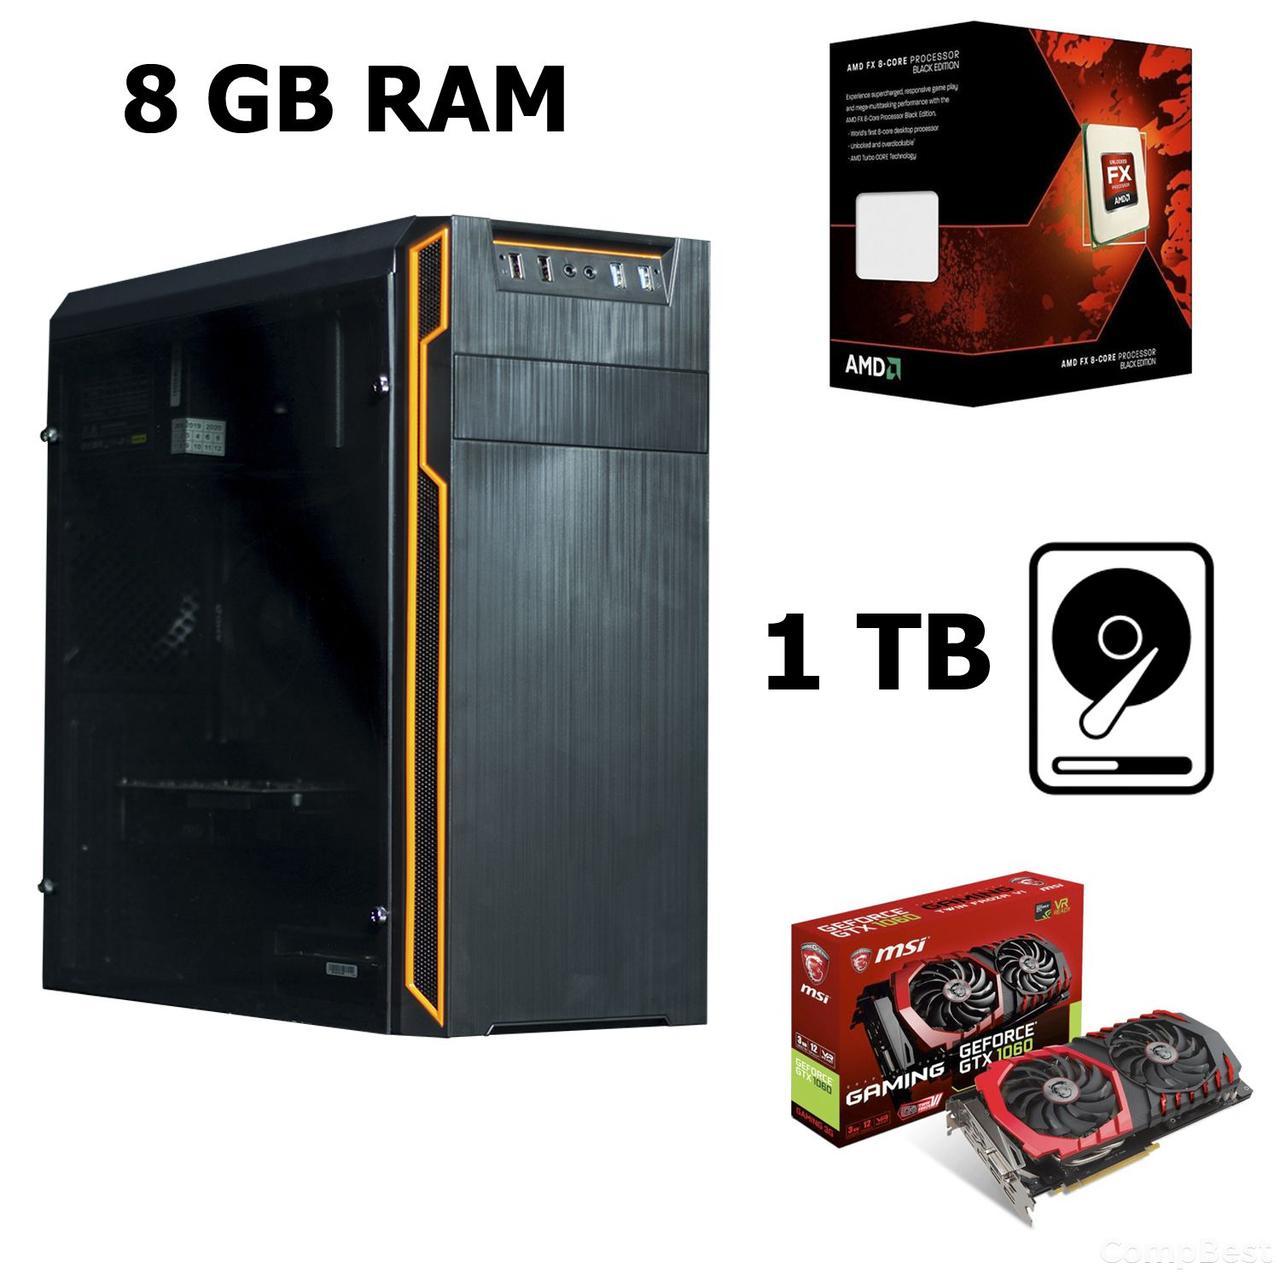 Frontier HAN SOLO orange MT / AMD FX-6300 (6 ядер по 3.5 - 3.8 GHz) / 8 GB DDR3 / 1 TB HDD / nVidia Geforce GTX 1060 (3GB 192-bit GDDR5) / 500W